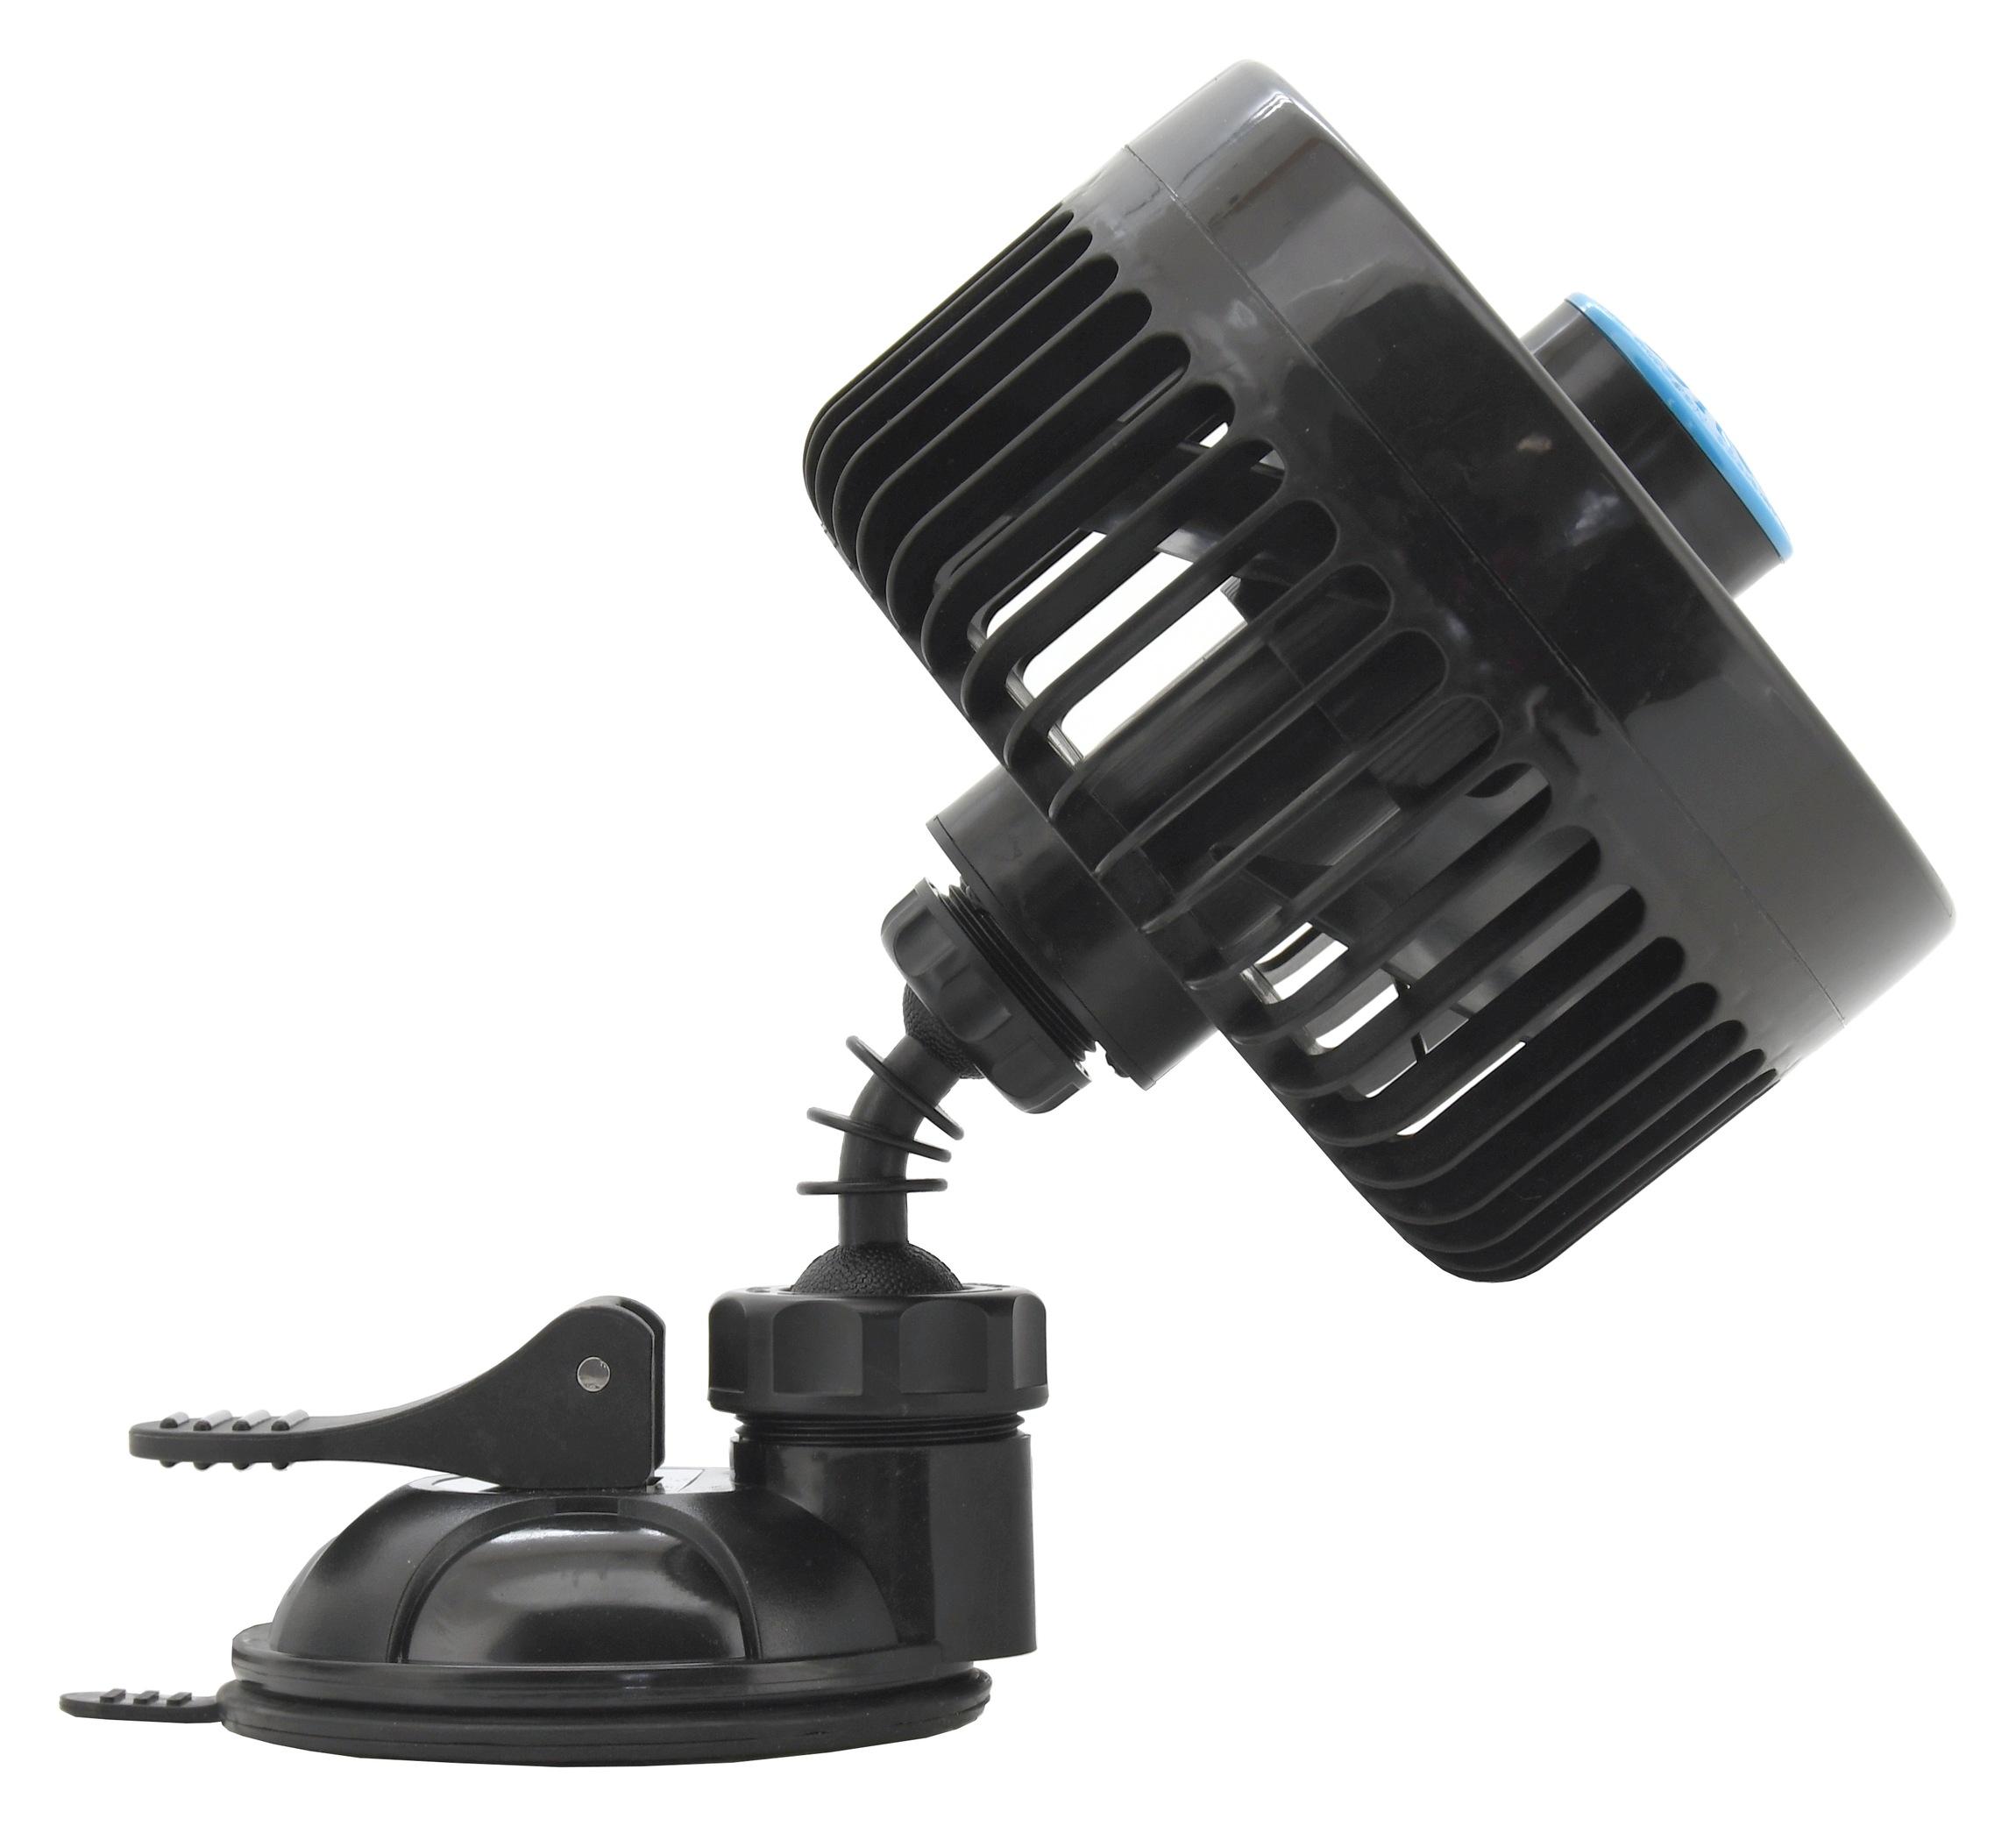 afe5b2751 Ventilátor MITCHELL ANION 150mm 12V na prísavku – Autodoplnky náradie.sk